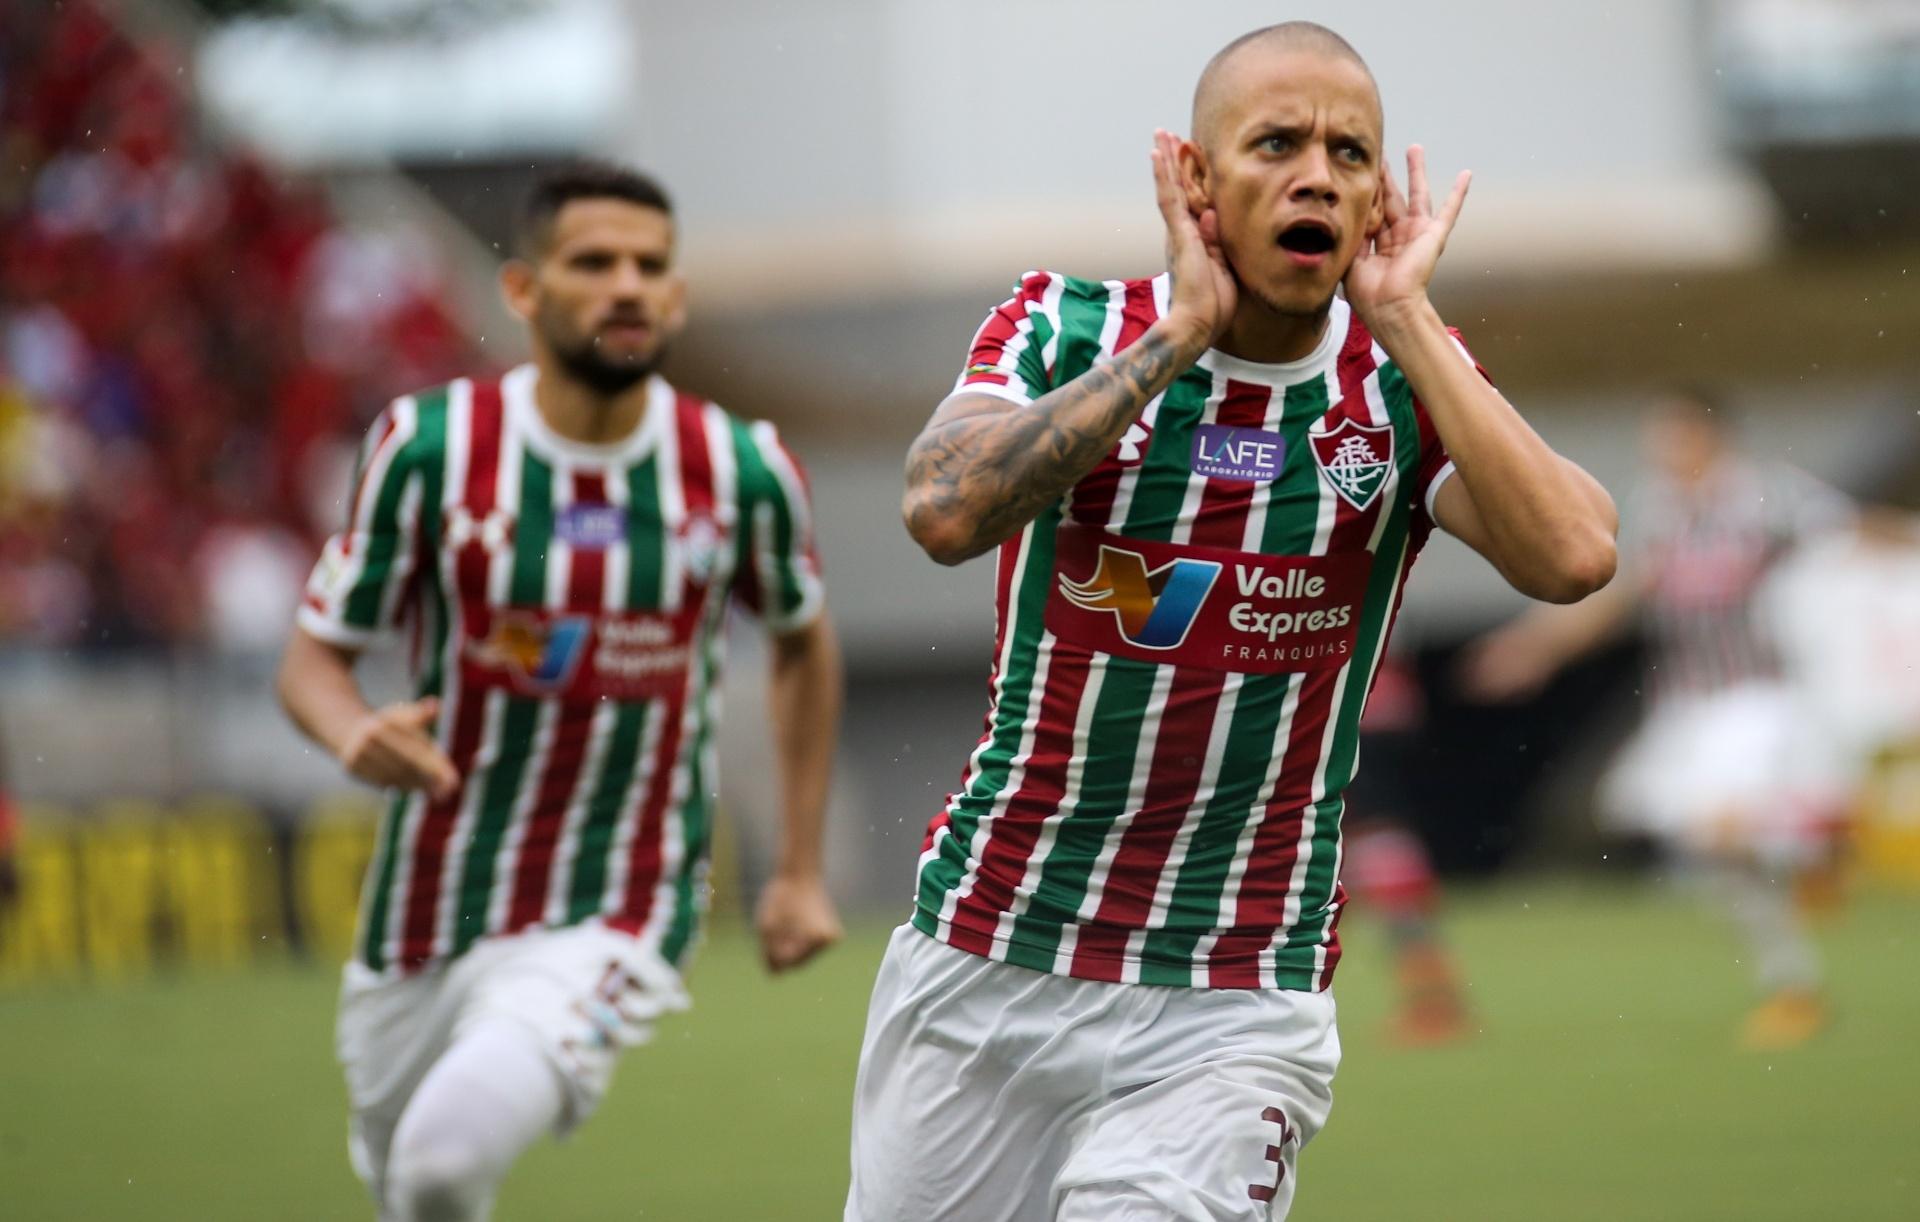 Fluminense vai jogar de luto para alertar sobre o feminicídio no Brasil -  Esporte - BOL 6cb58112dc44a